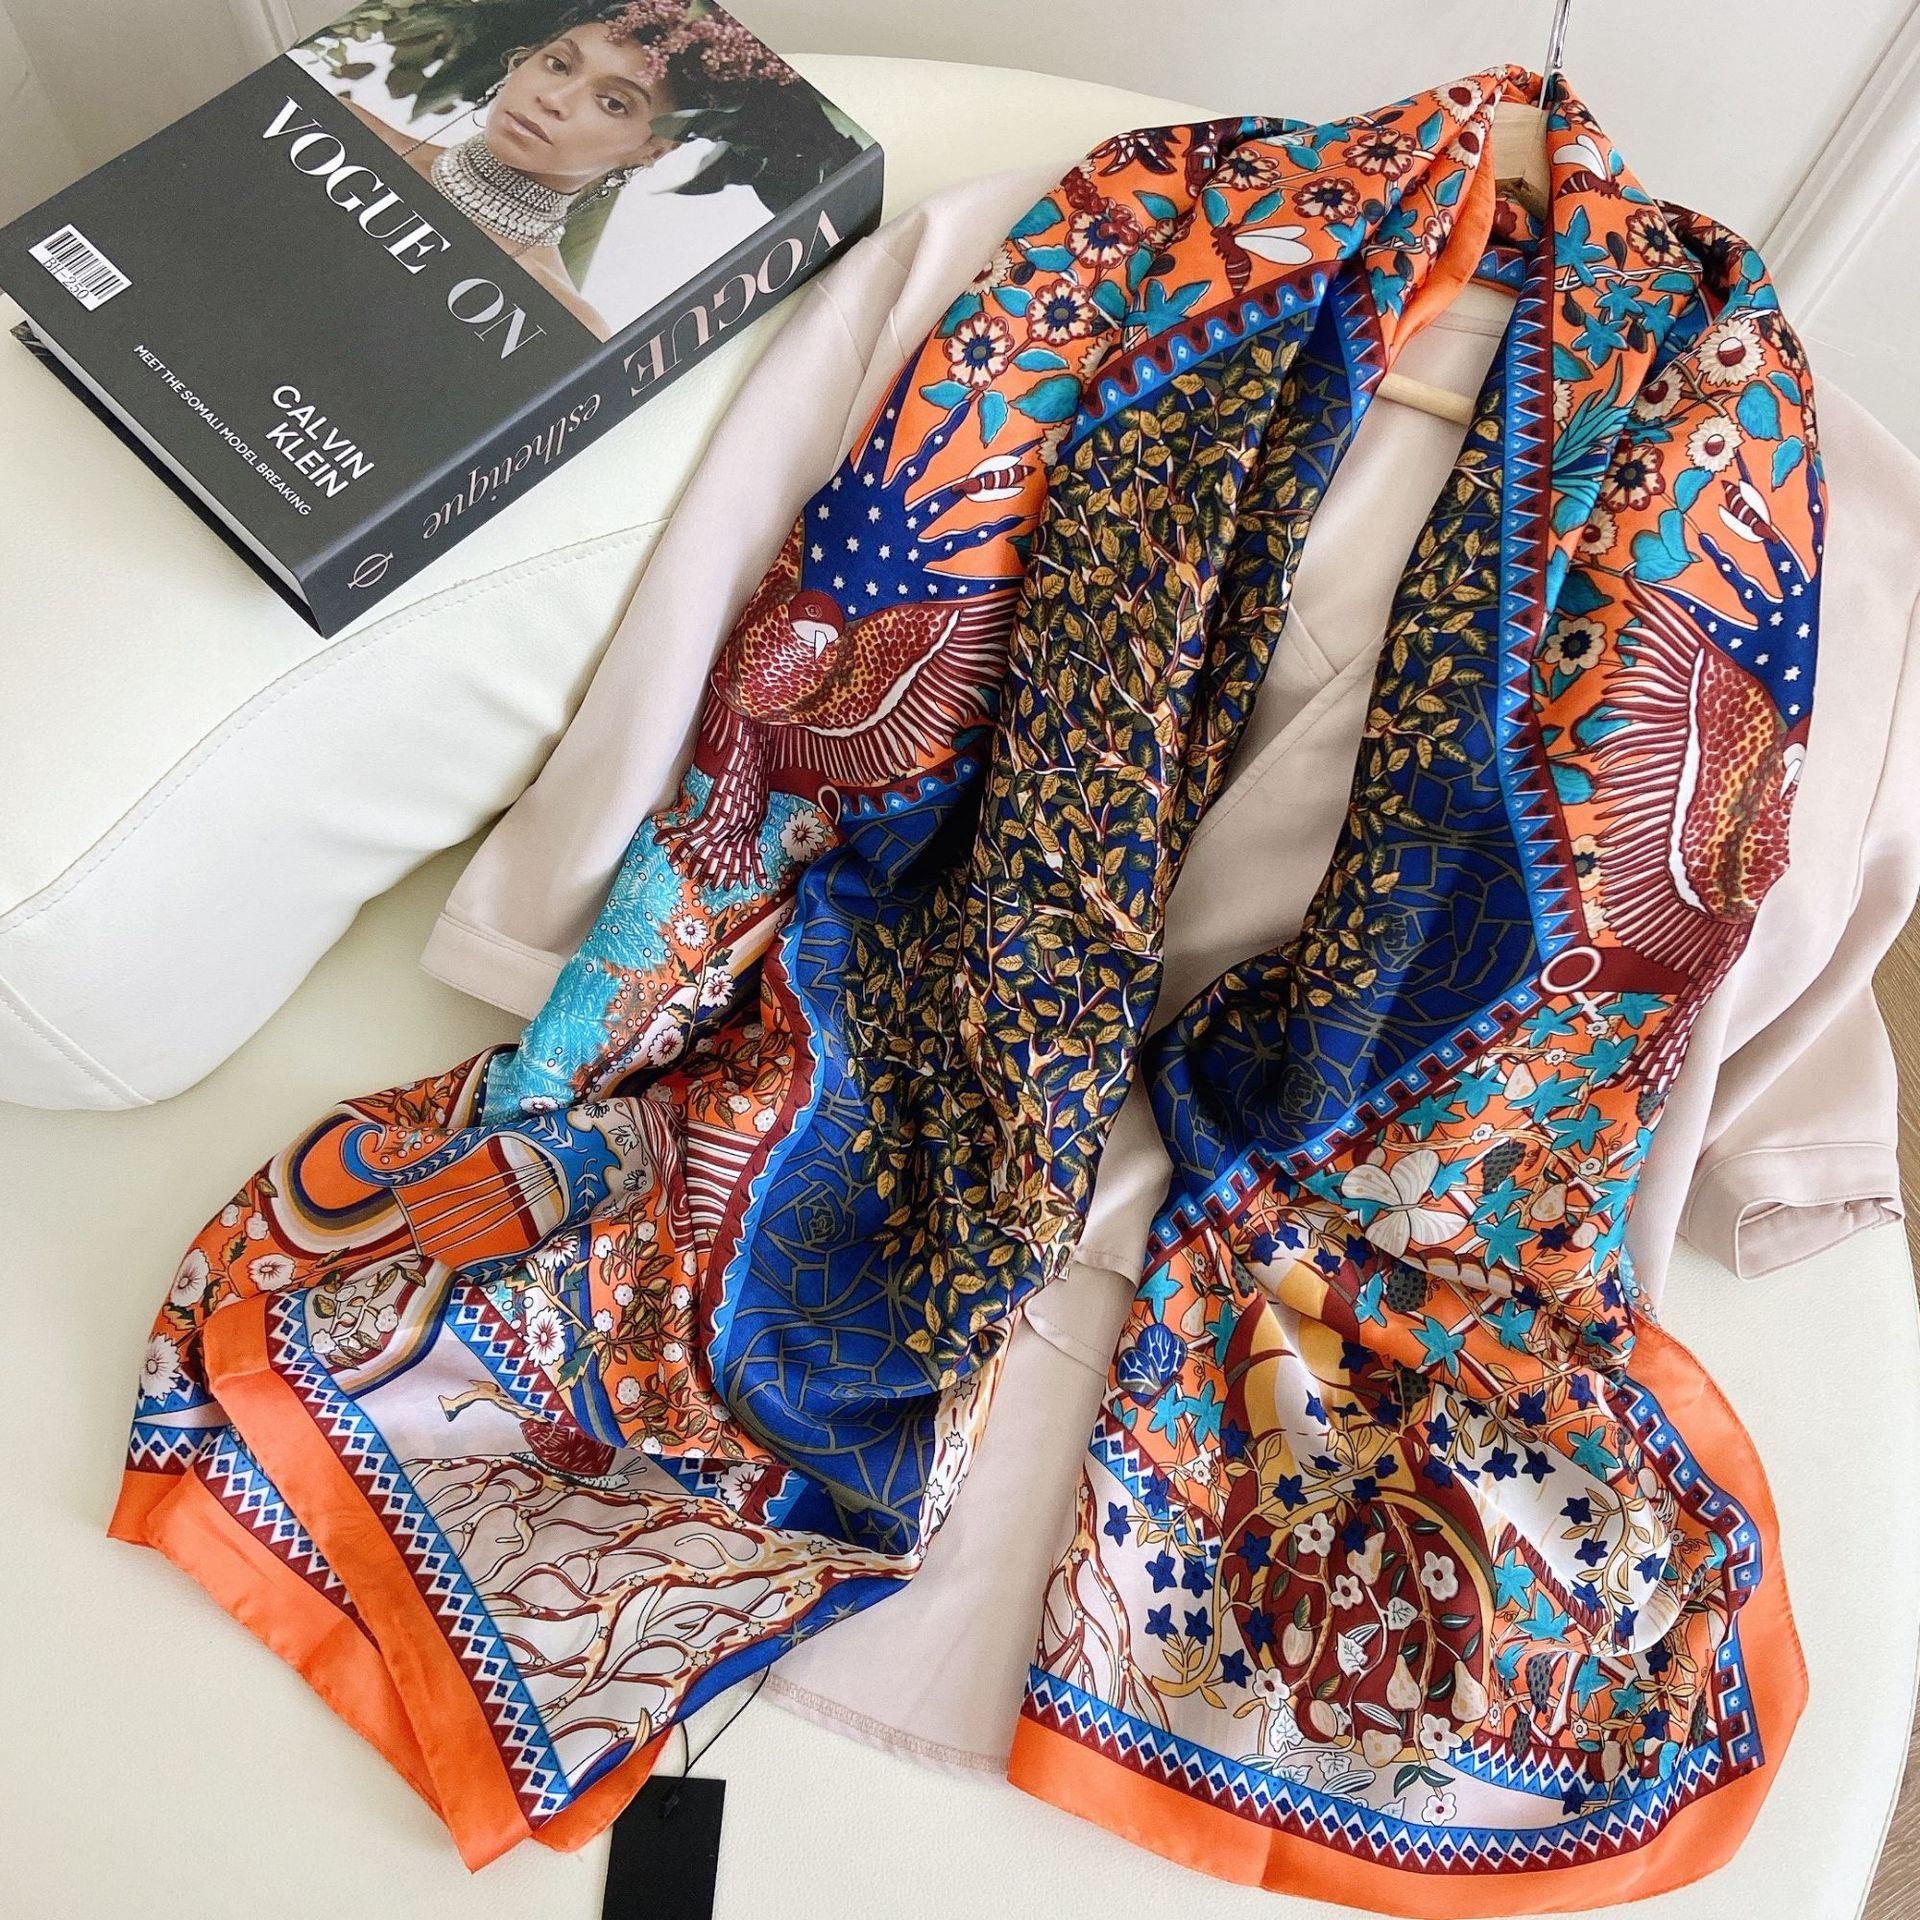 Фото - Шелковый шарф для женщин, 180x90 см, бандана, хиджаб, принт, большая шаль, парео, тихая, для пляжа, популярная новинка, лето 2021 шелковый шарф шаль женщин лето солнце